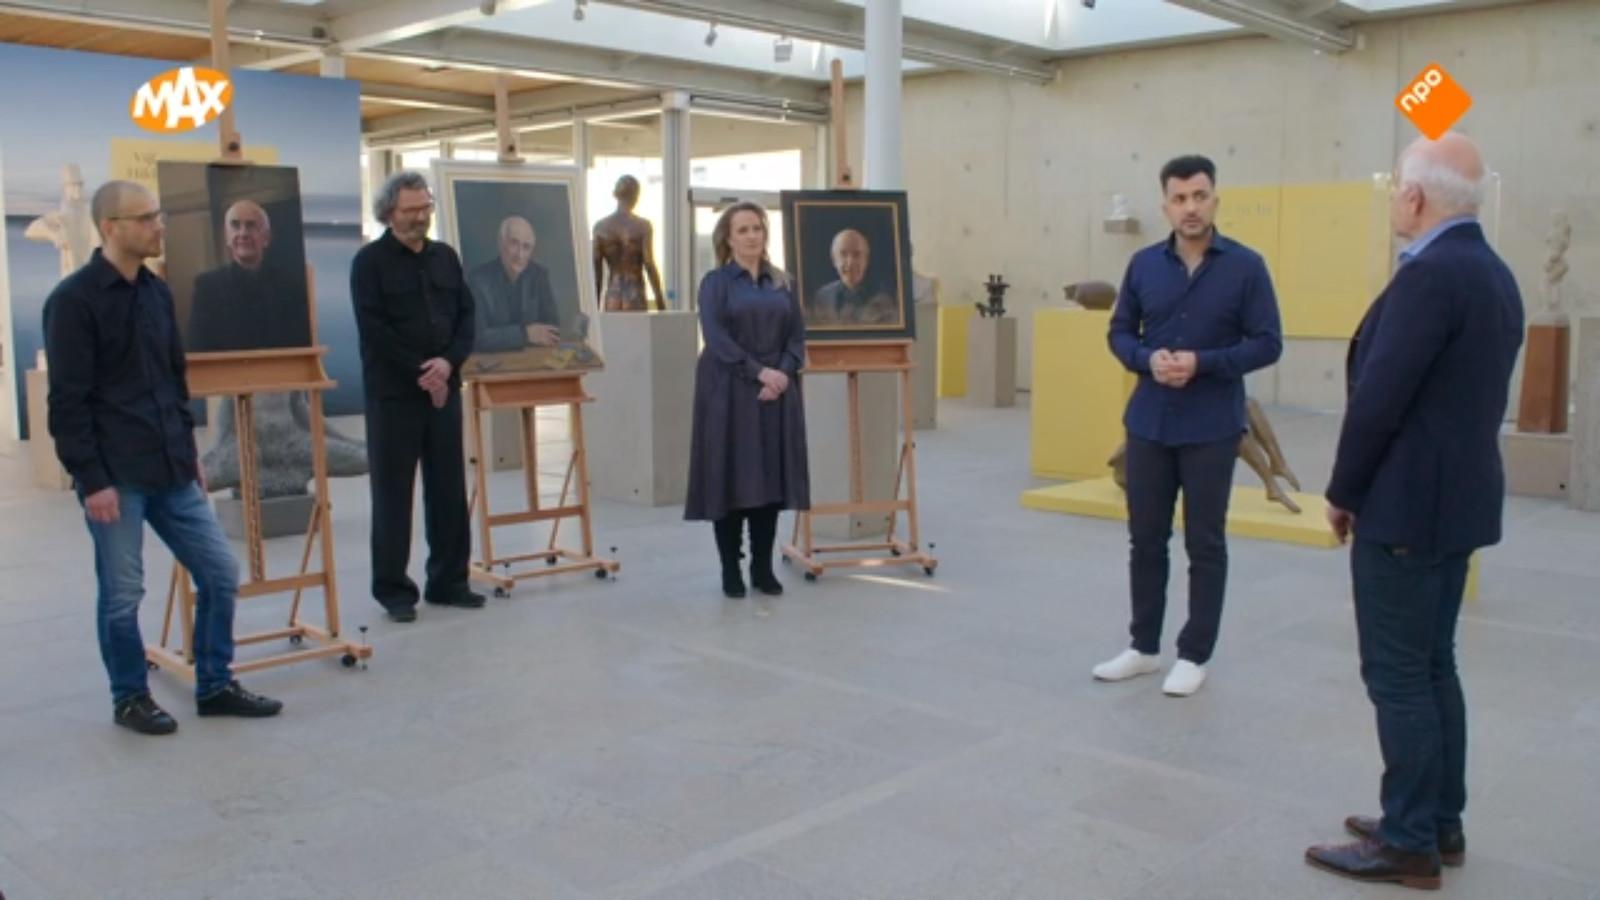 Frits Spits beoordeelt de drie kandidaten aan Sterren op het Doek. Links Erik van de Beek uit Ooij, bij het meest rechtse schilderij staat maakster Simone Balhuizen (De Steeg).